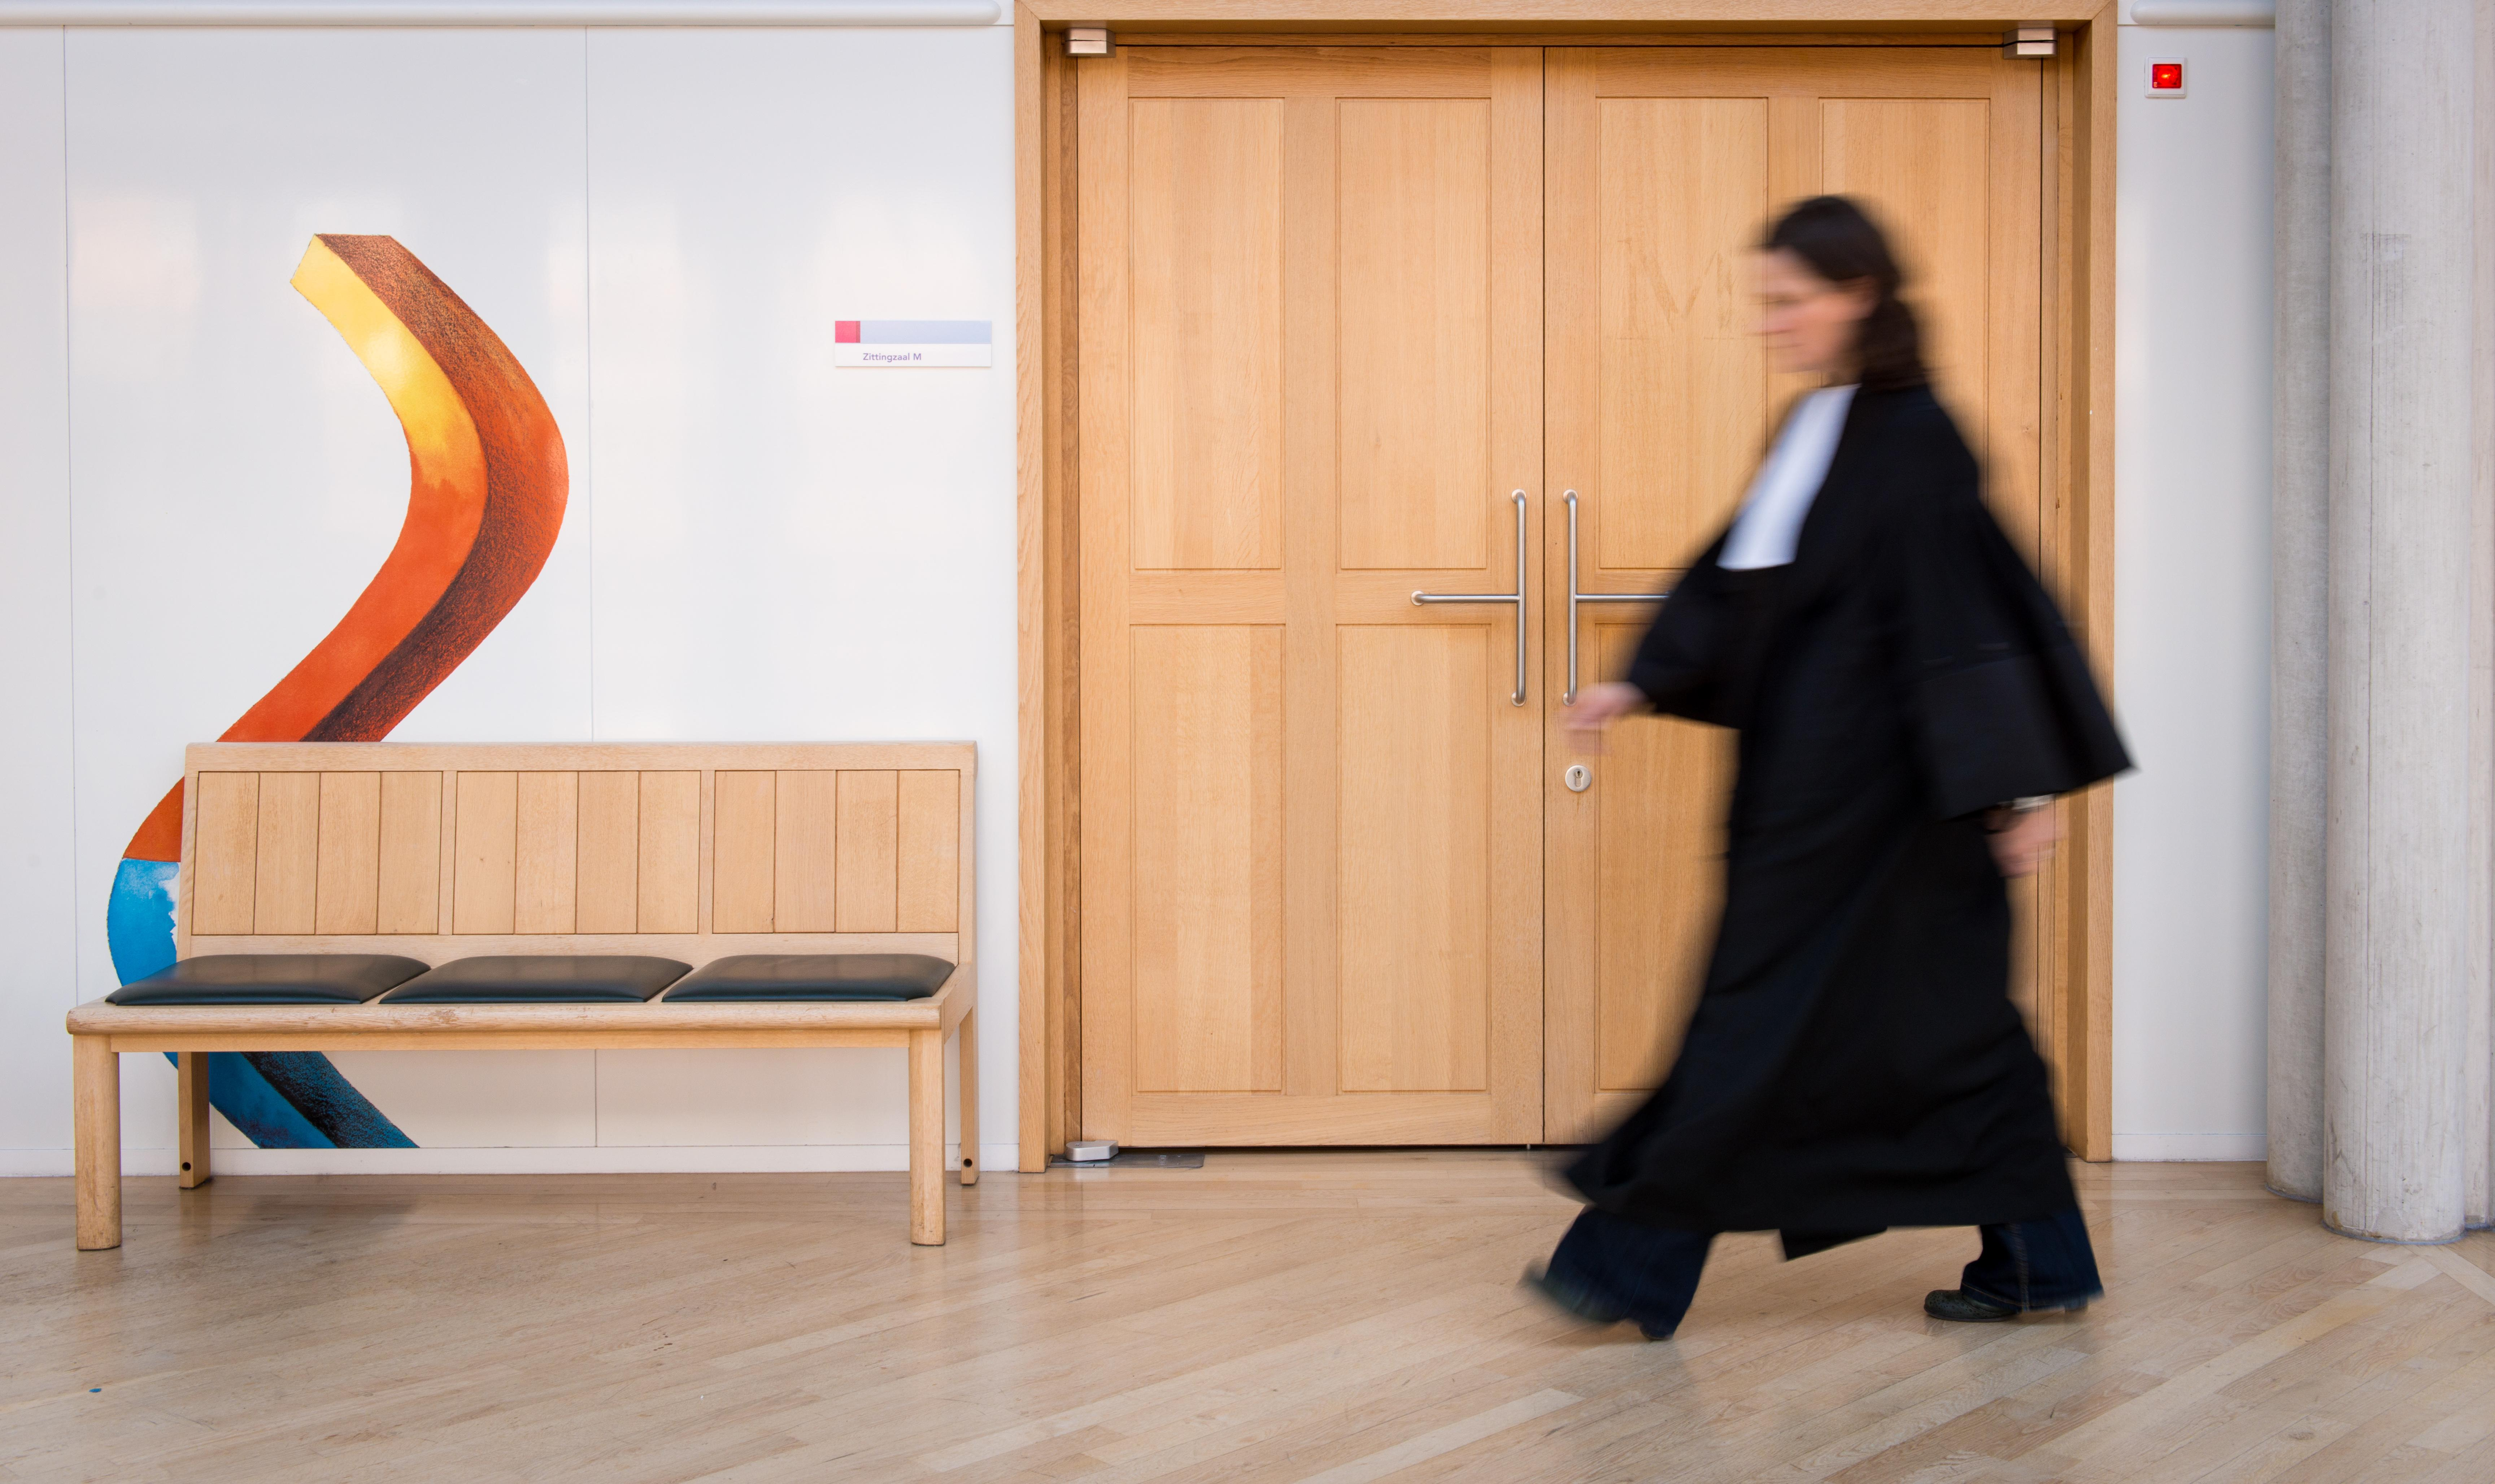 Alleenstaande moeder heeft spijt van stalken, zegt ze voor de rechtbank: 'Er is geen excuus voor wat ik heb gedaan'